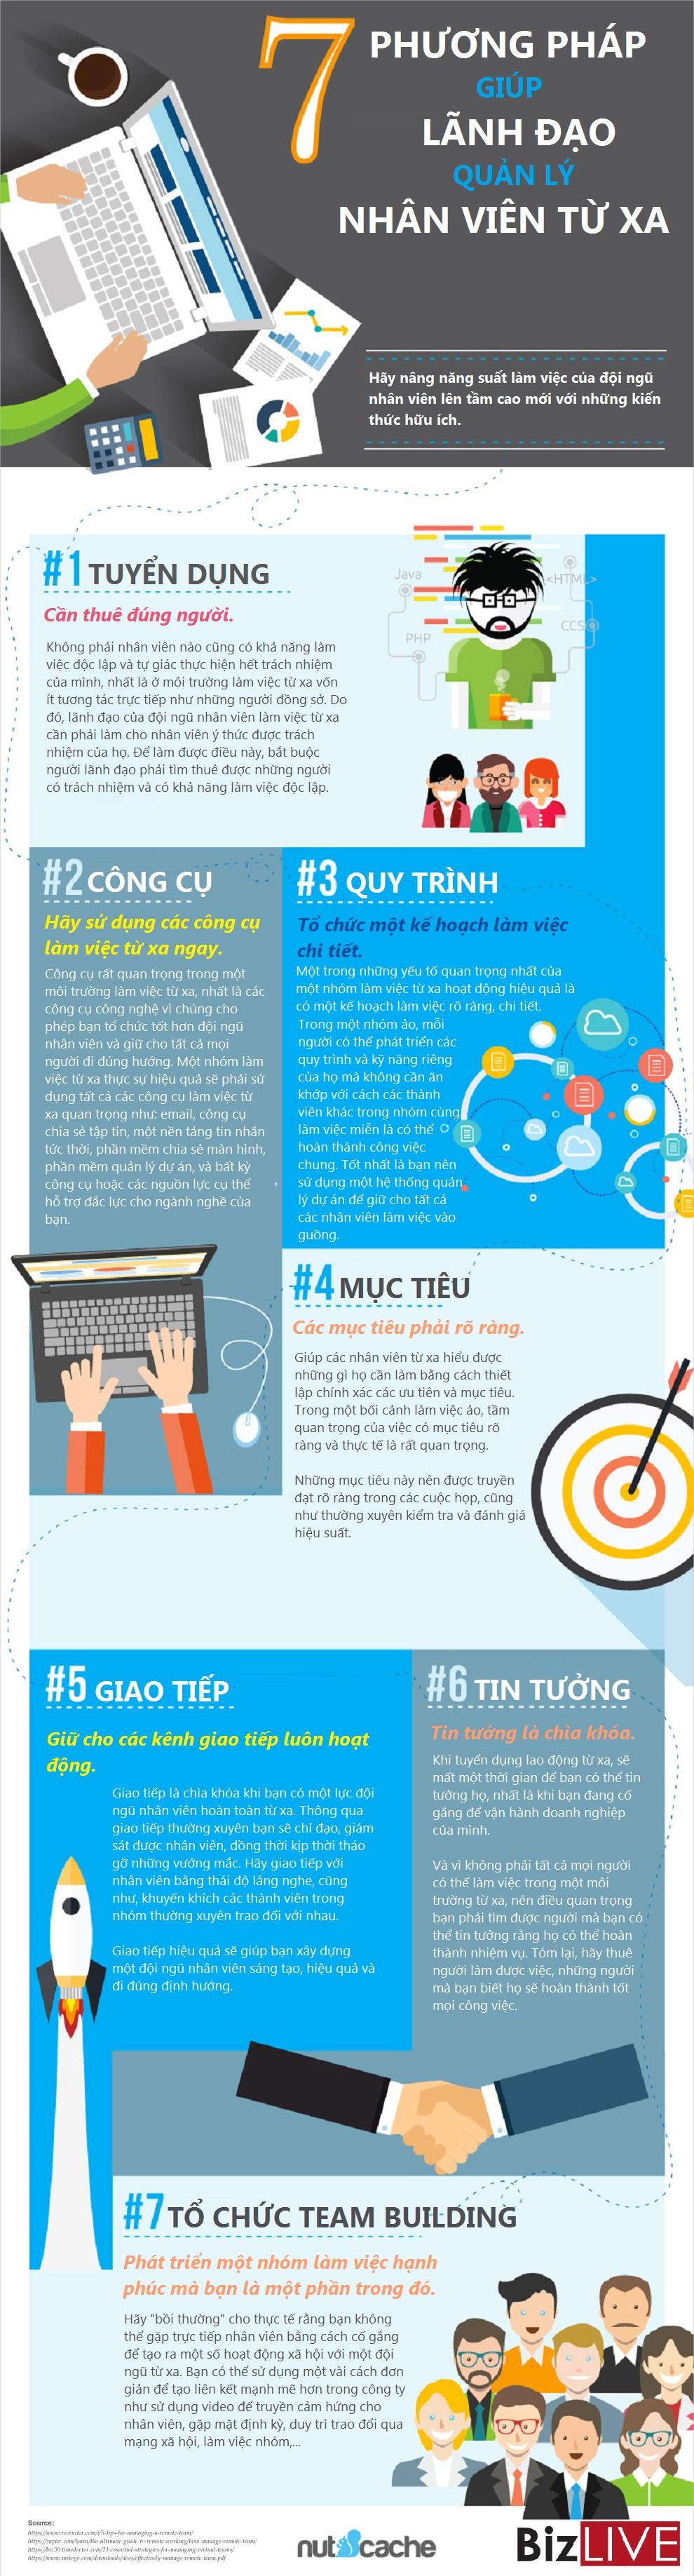 7 Phương pháp để quản lý nhân viên từ xa